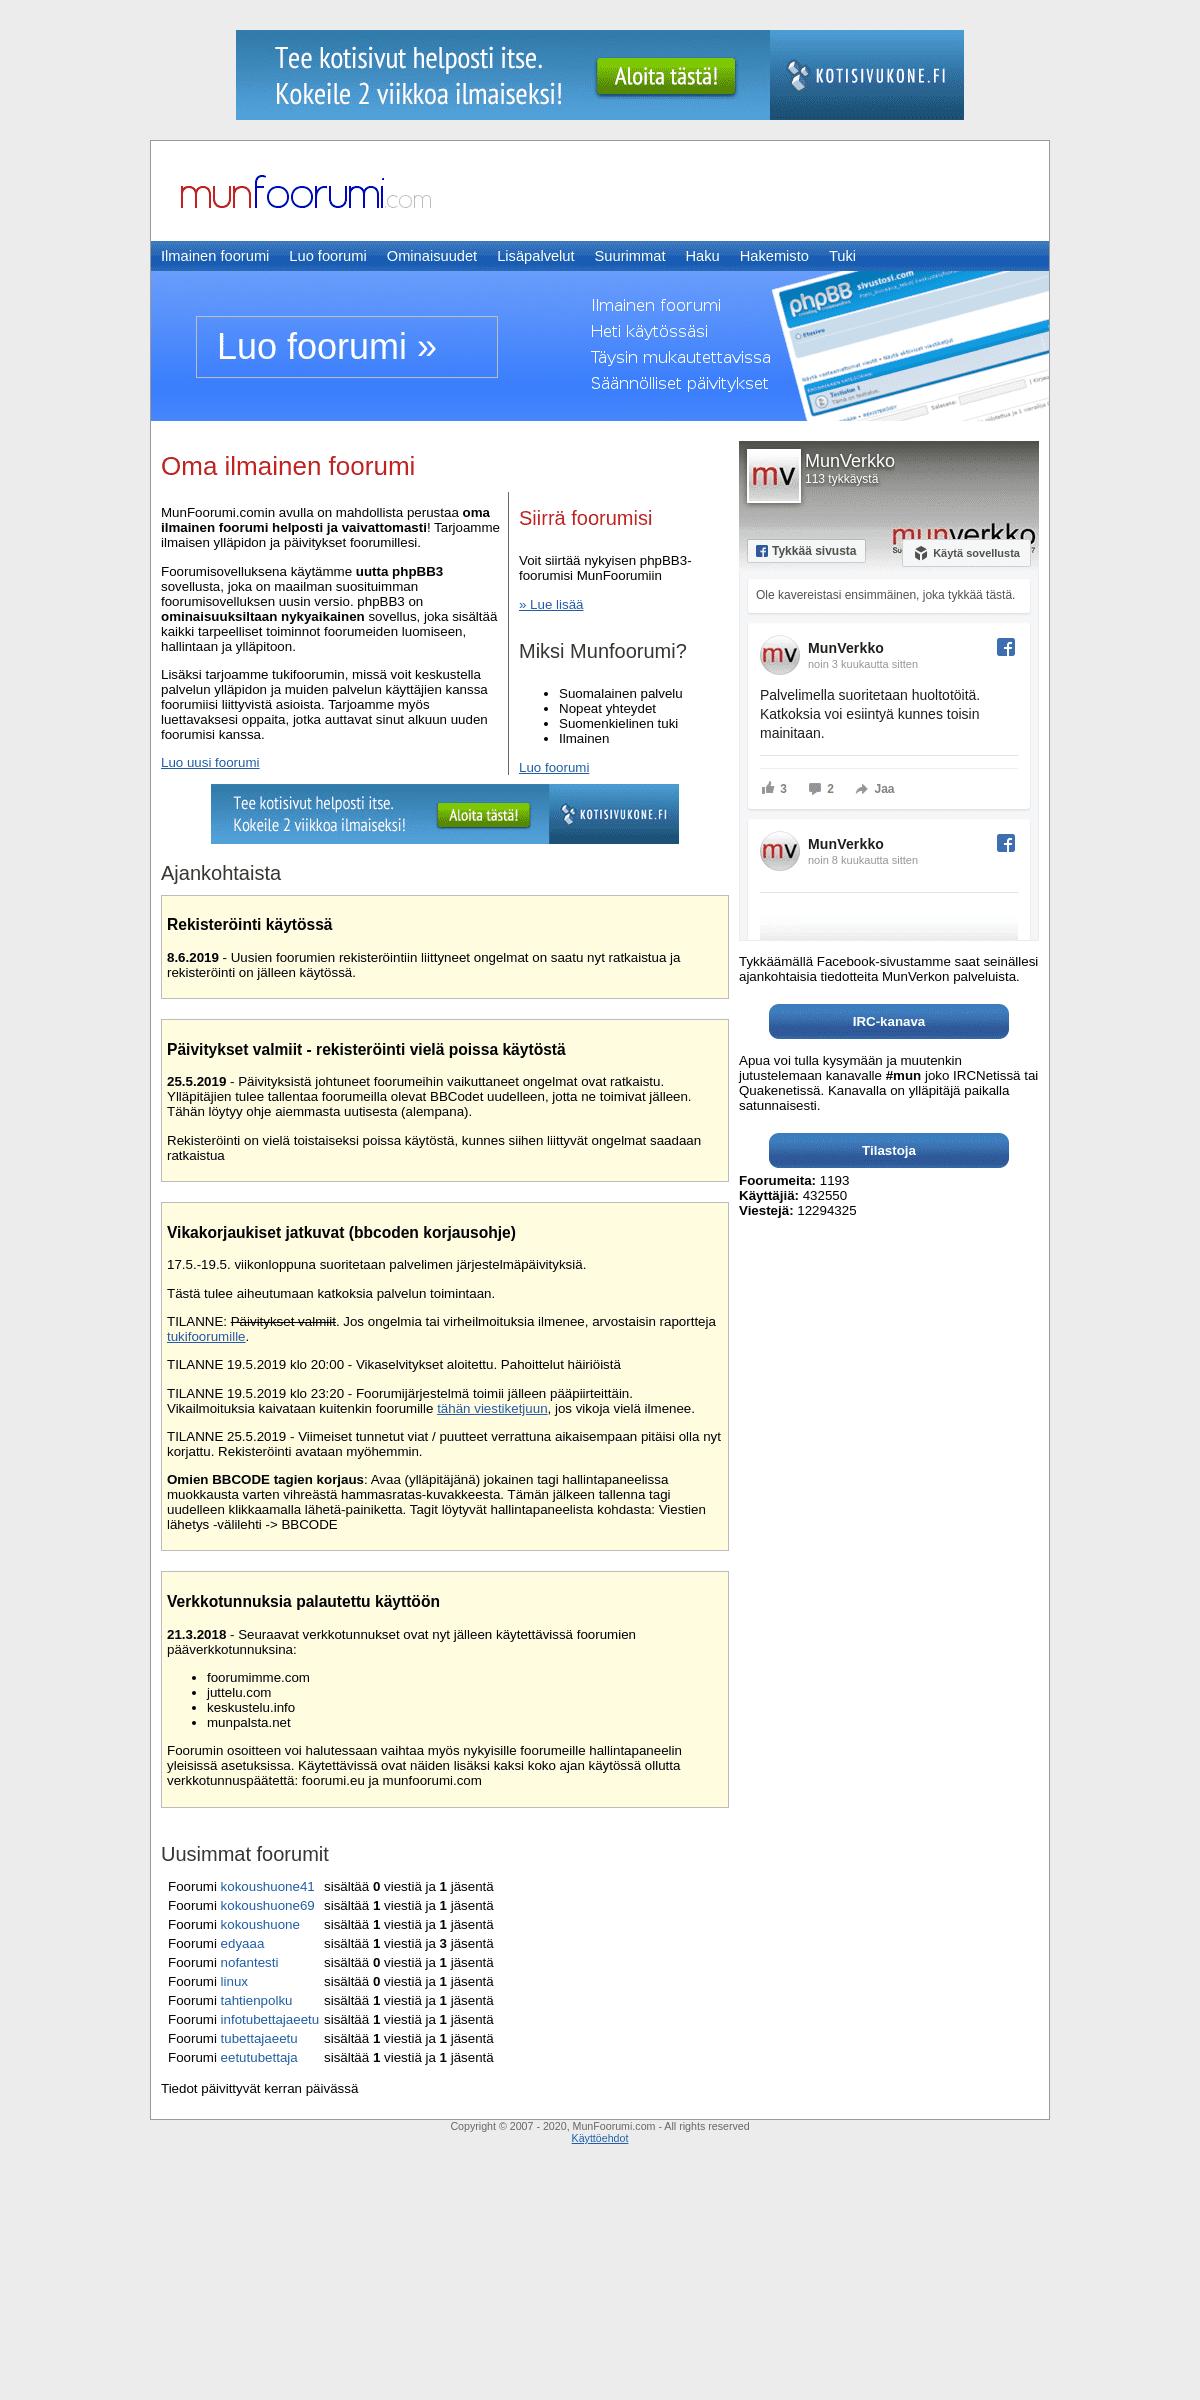 Ilmainen foorumi - MunFoorumi.com